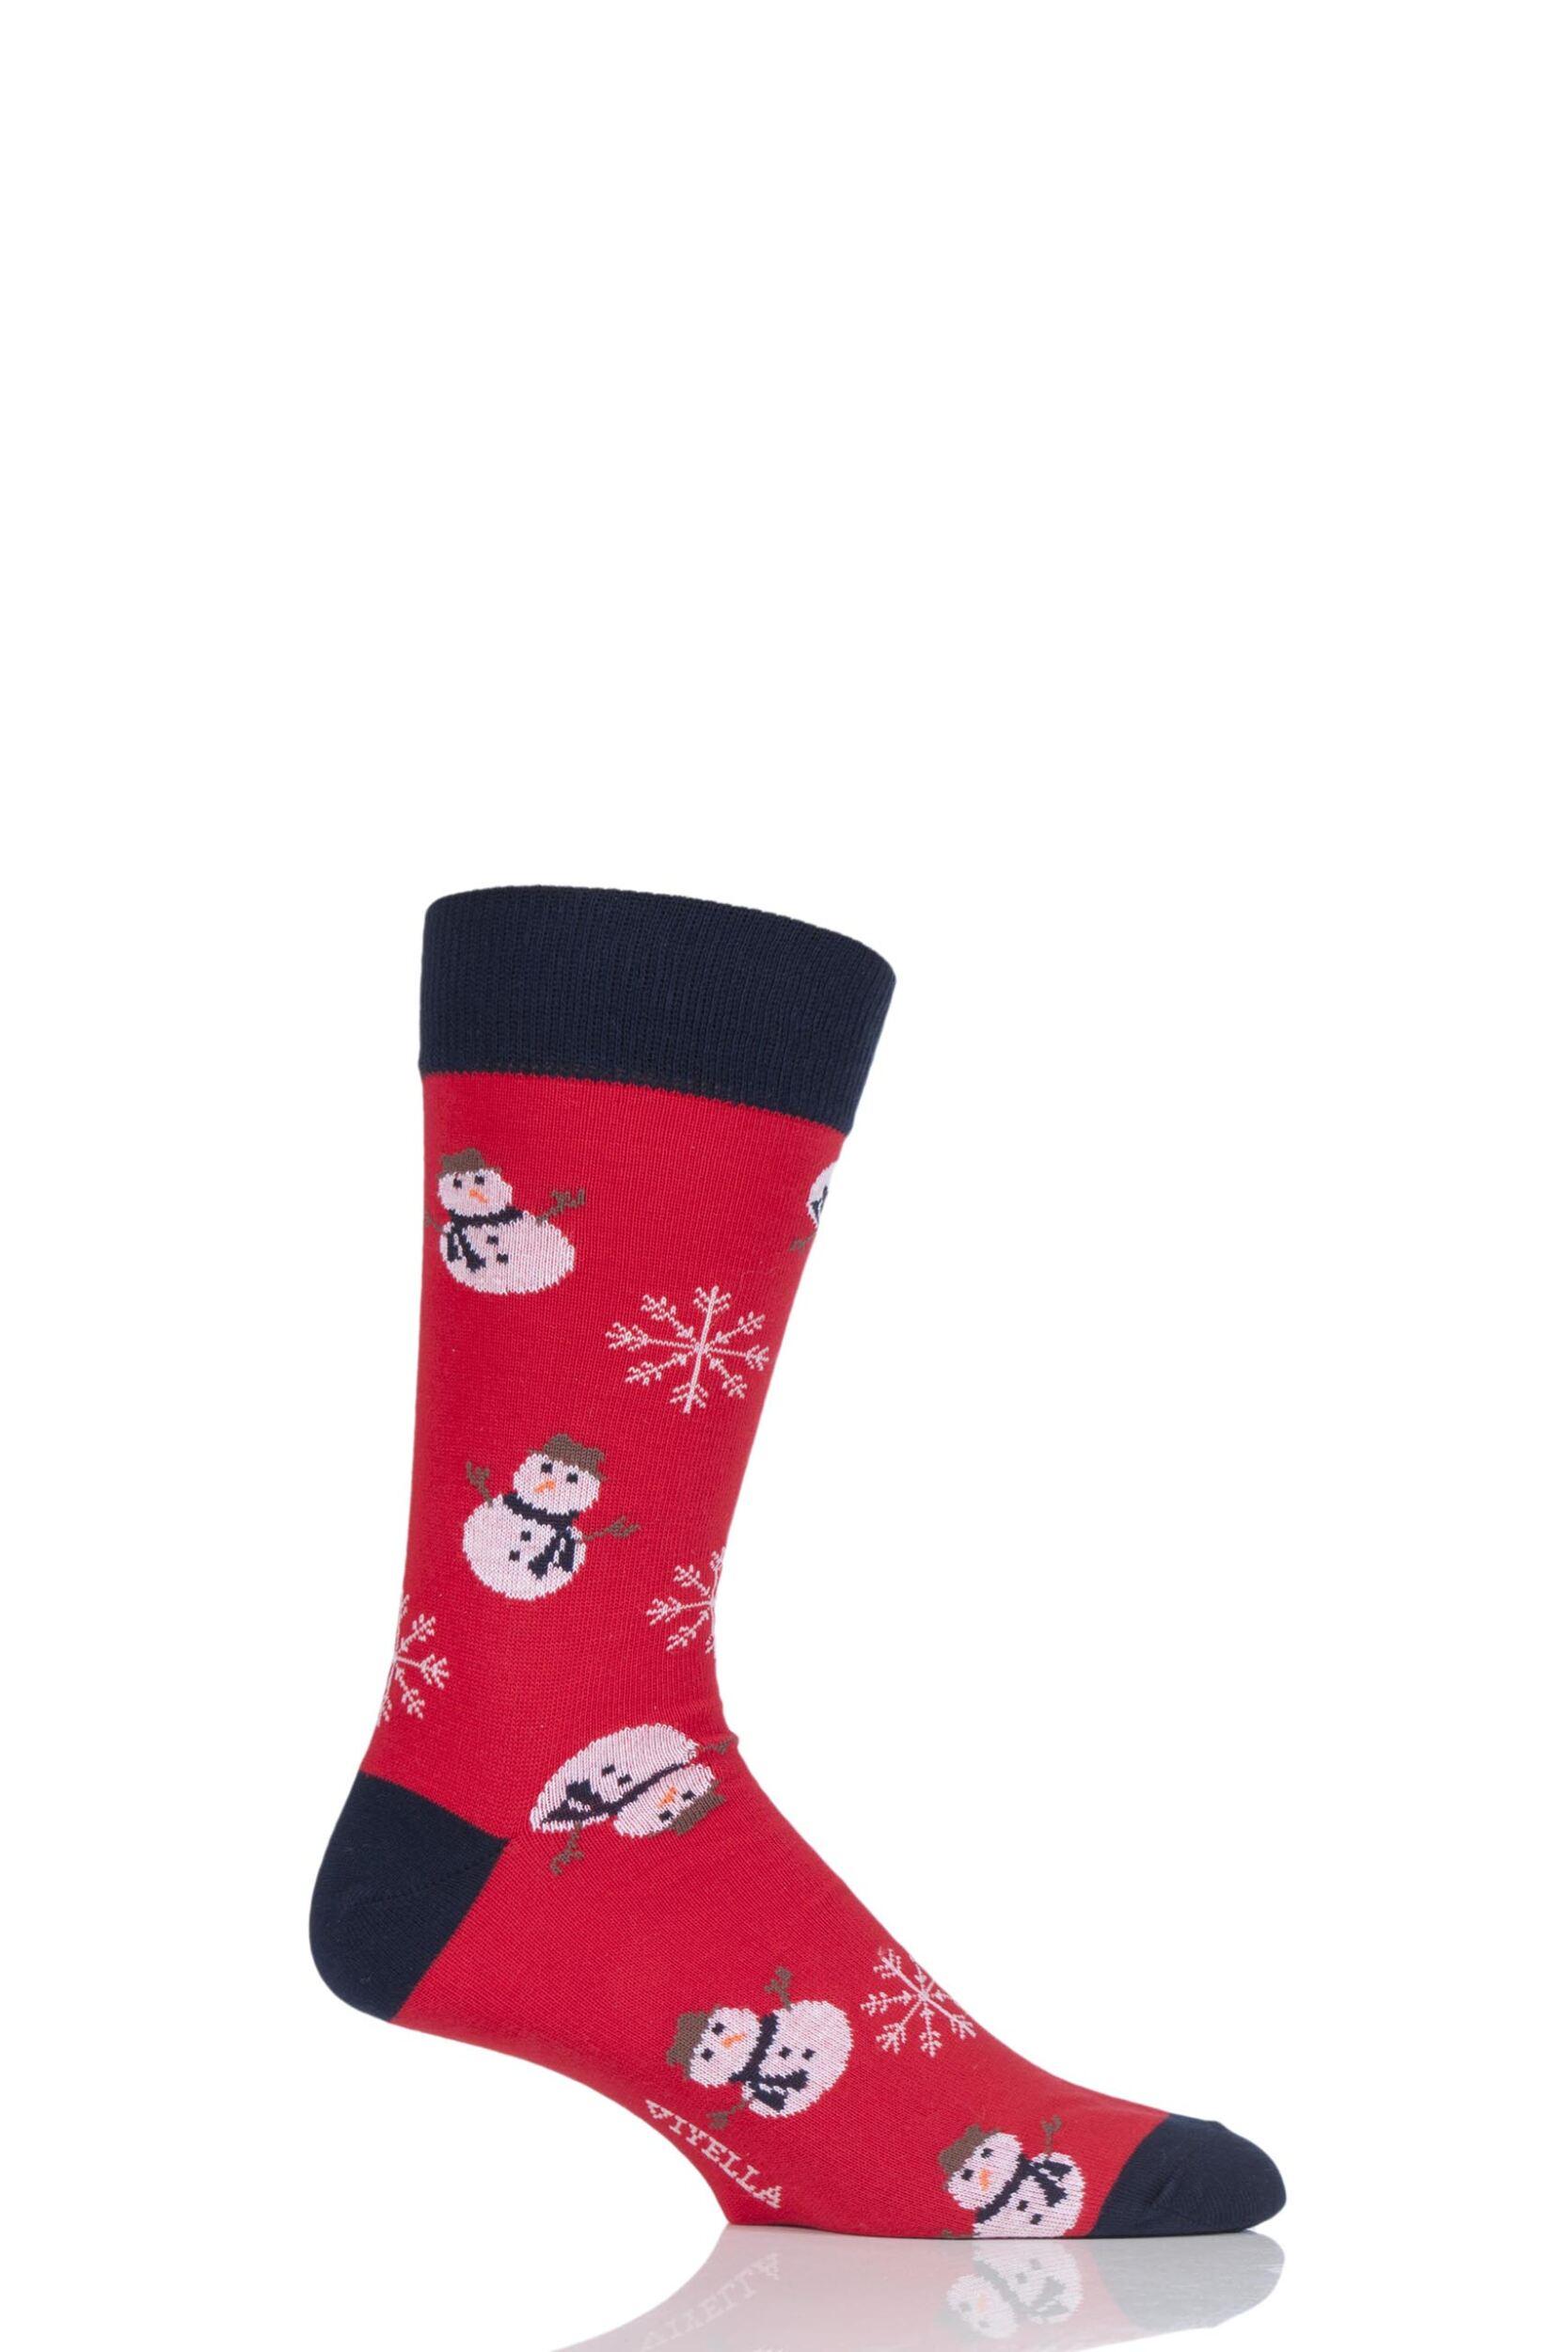 Mens 1 Pair Viyella Snowflake and Snowman Cotton Socks